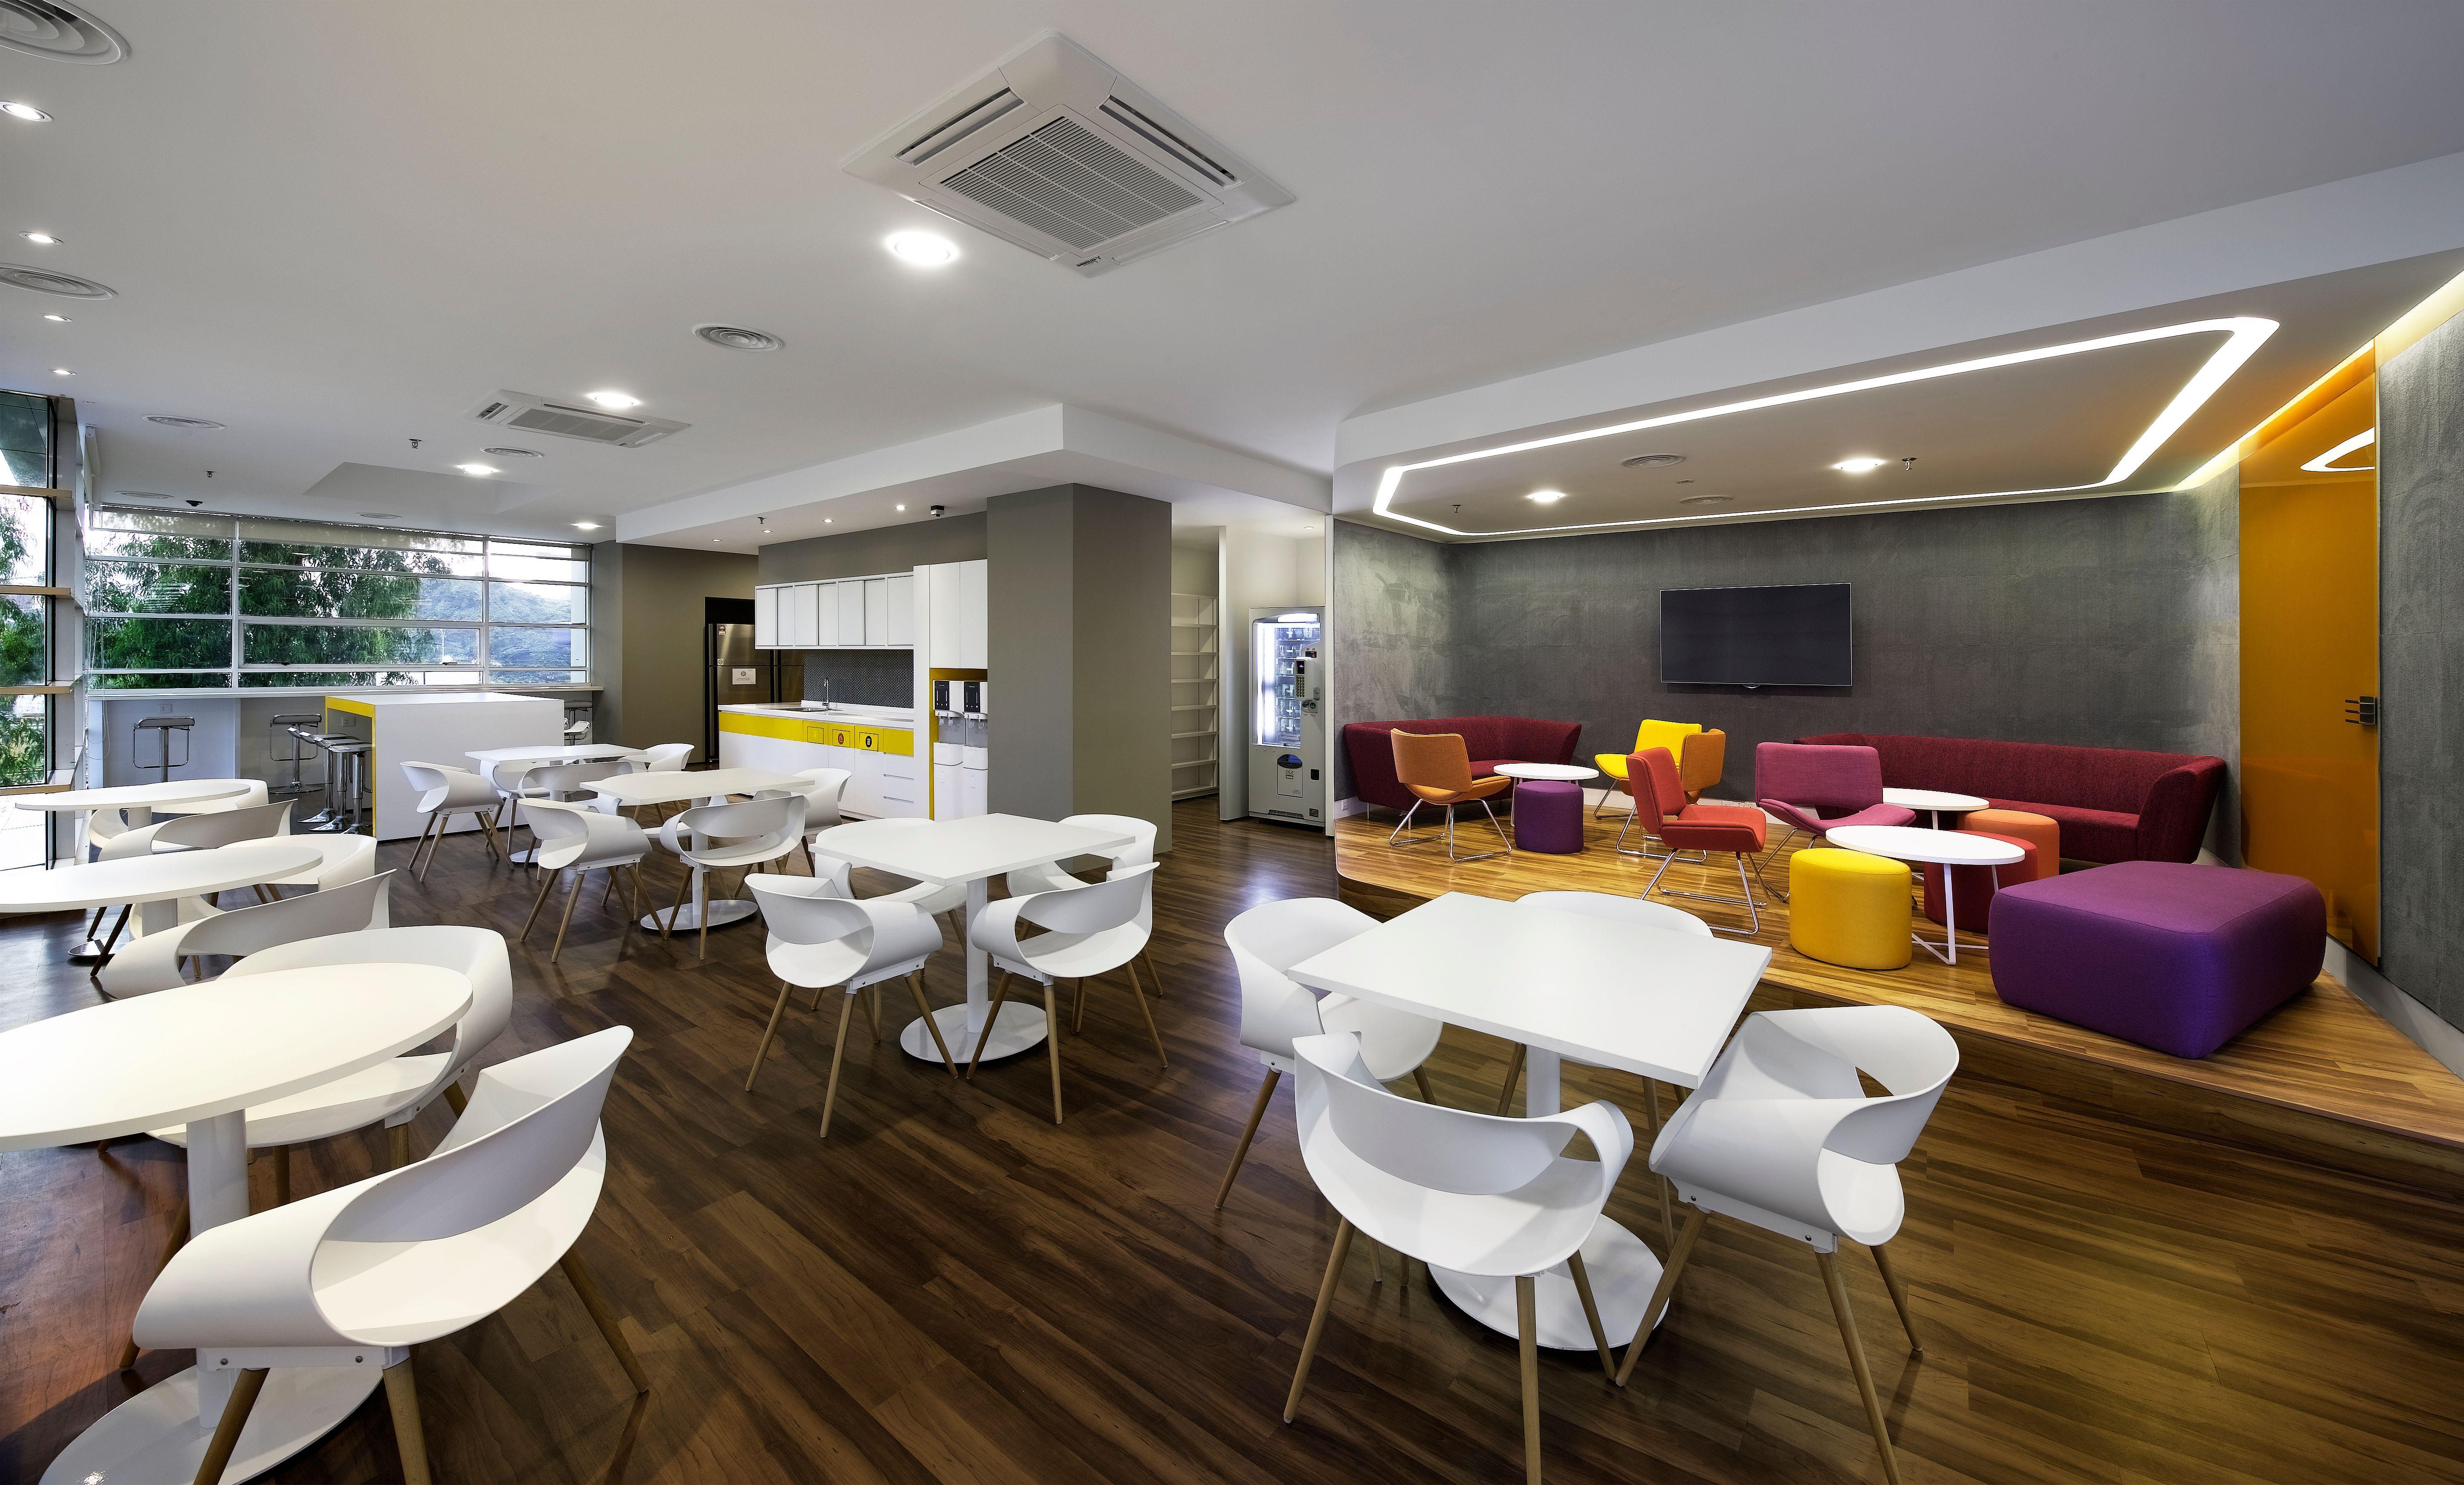 Fuji Xerox Kuala Lumpur Malaysia Design And Build Project By